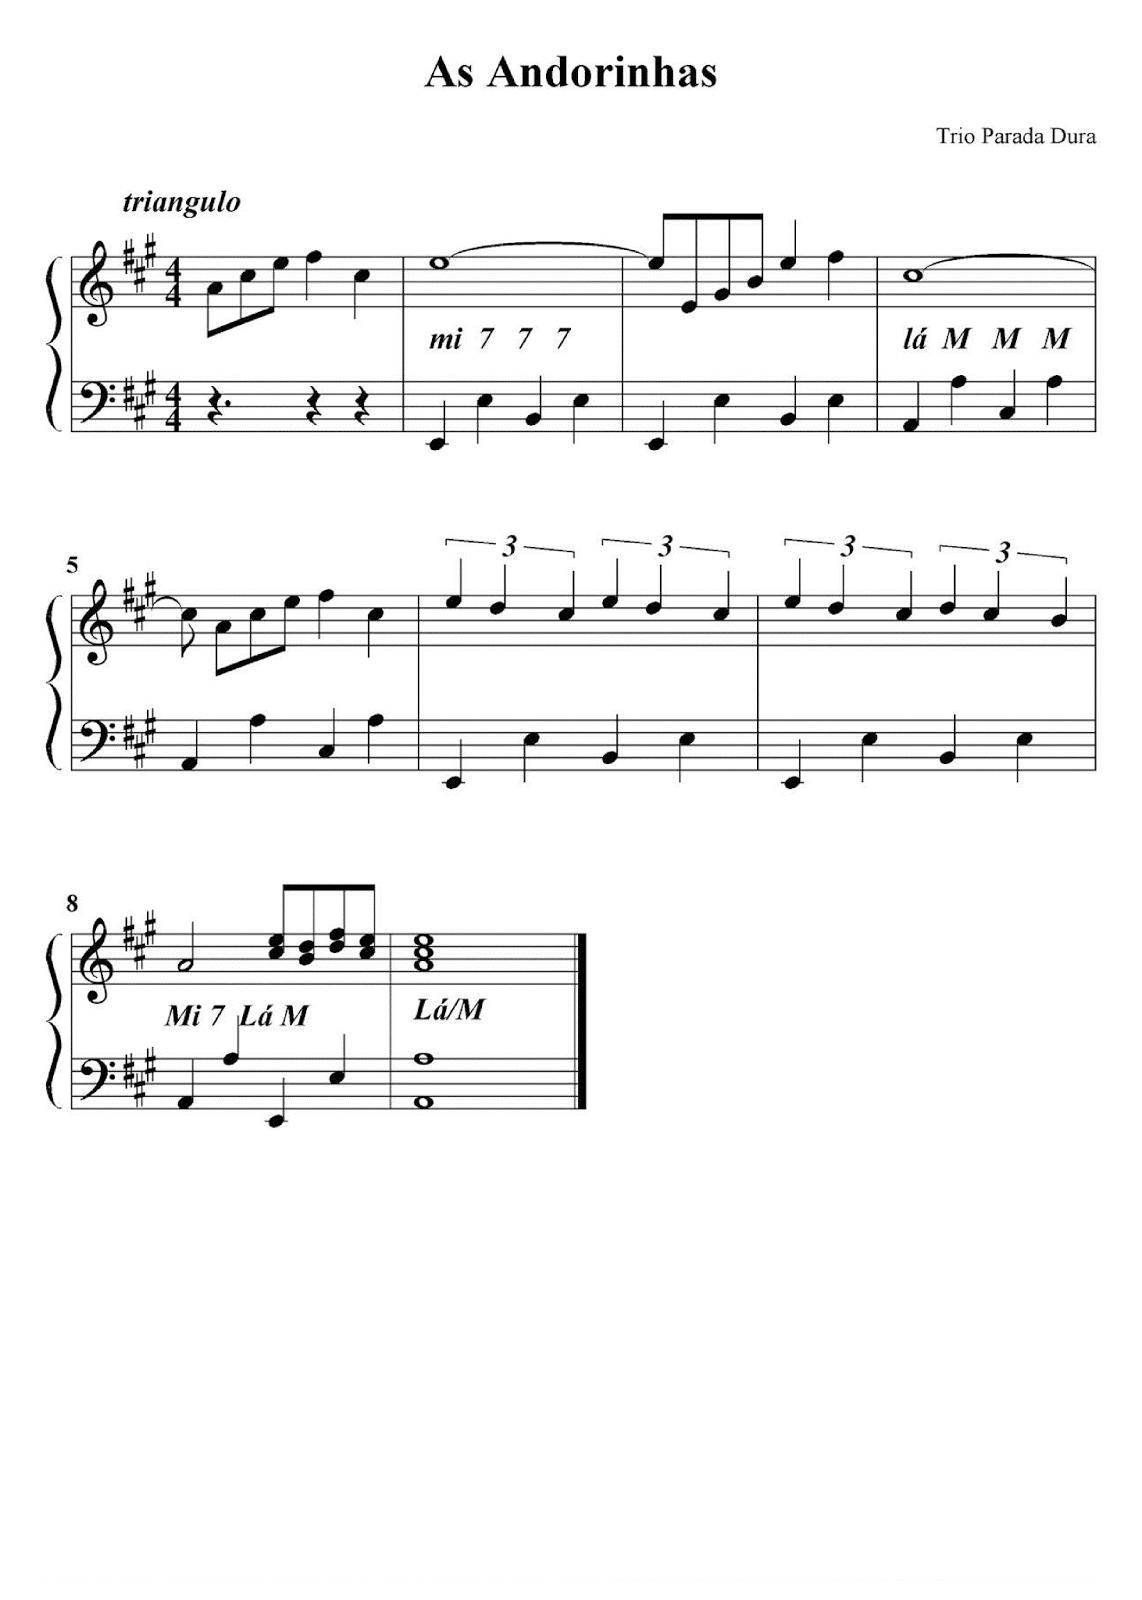 musica as andorinhas voltaram